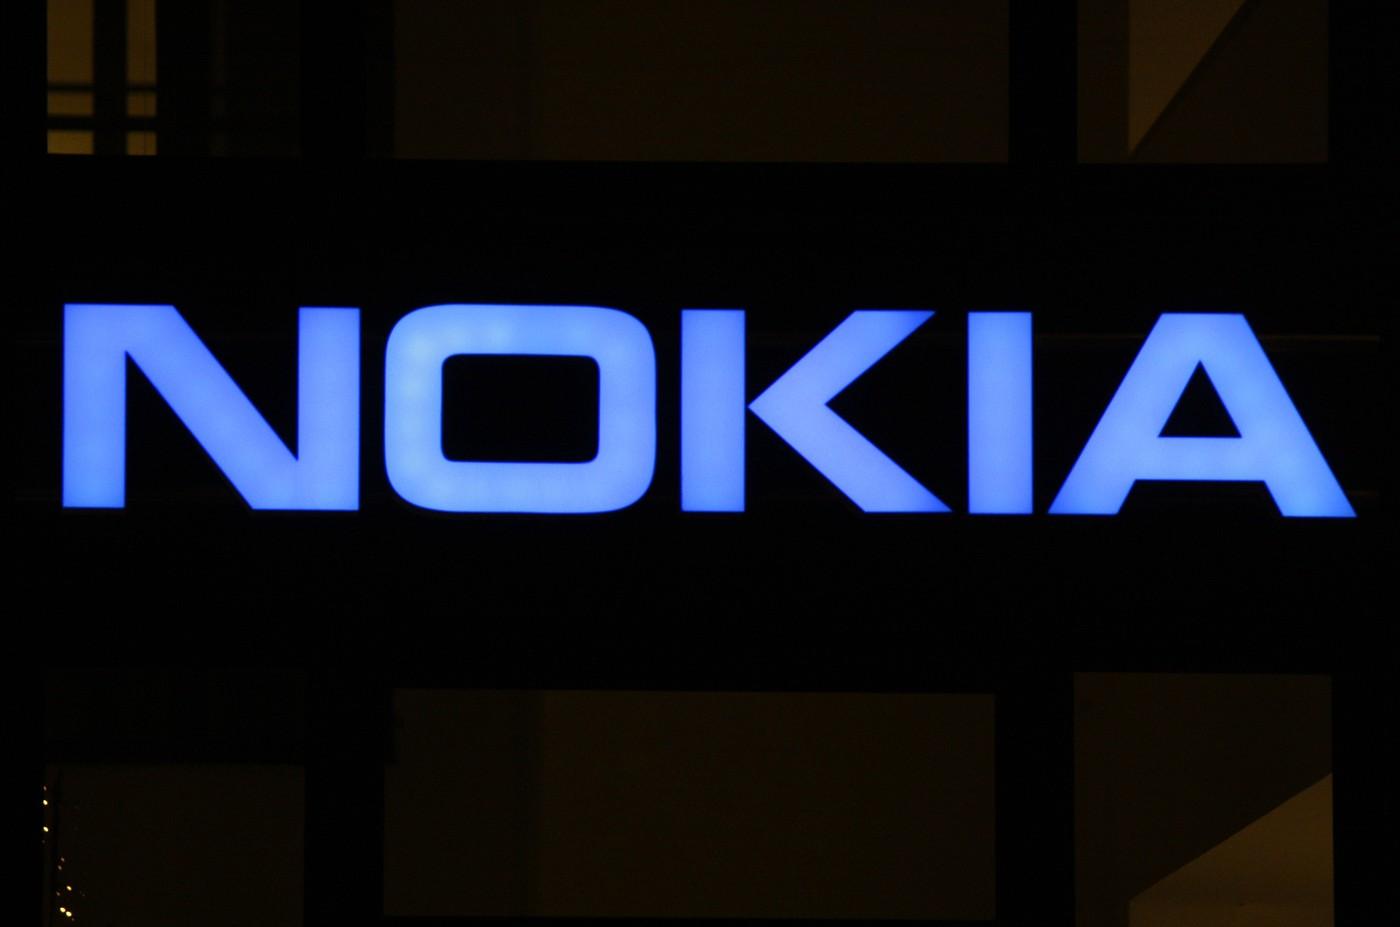 「NOKIA手機LOGO」的圖片搜尋結果